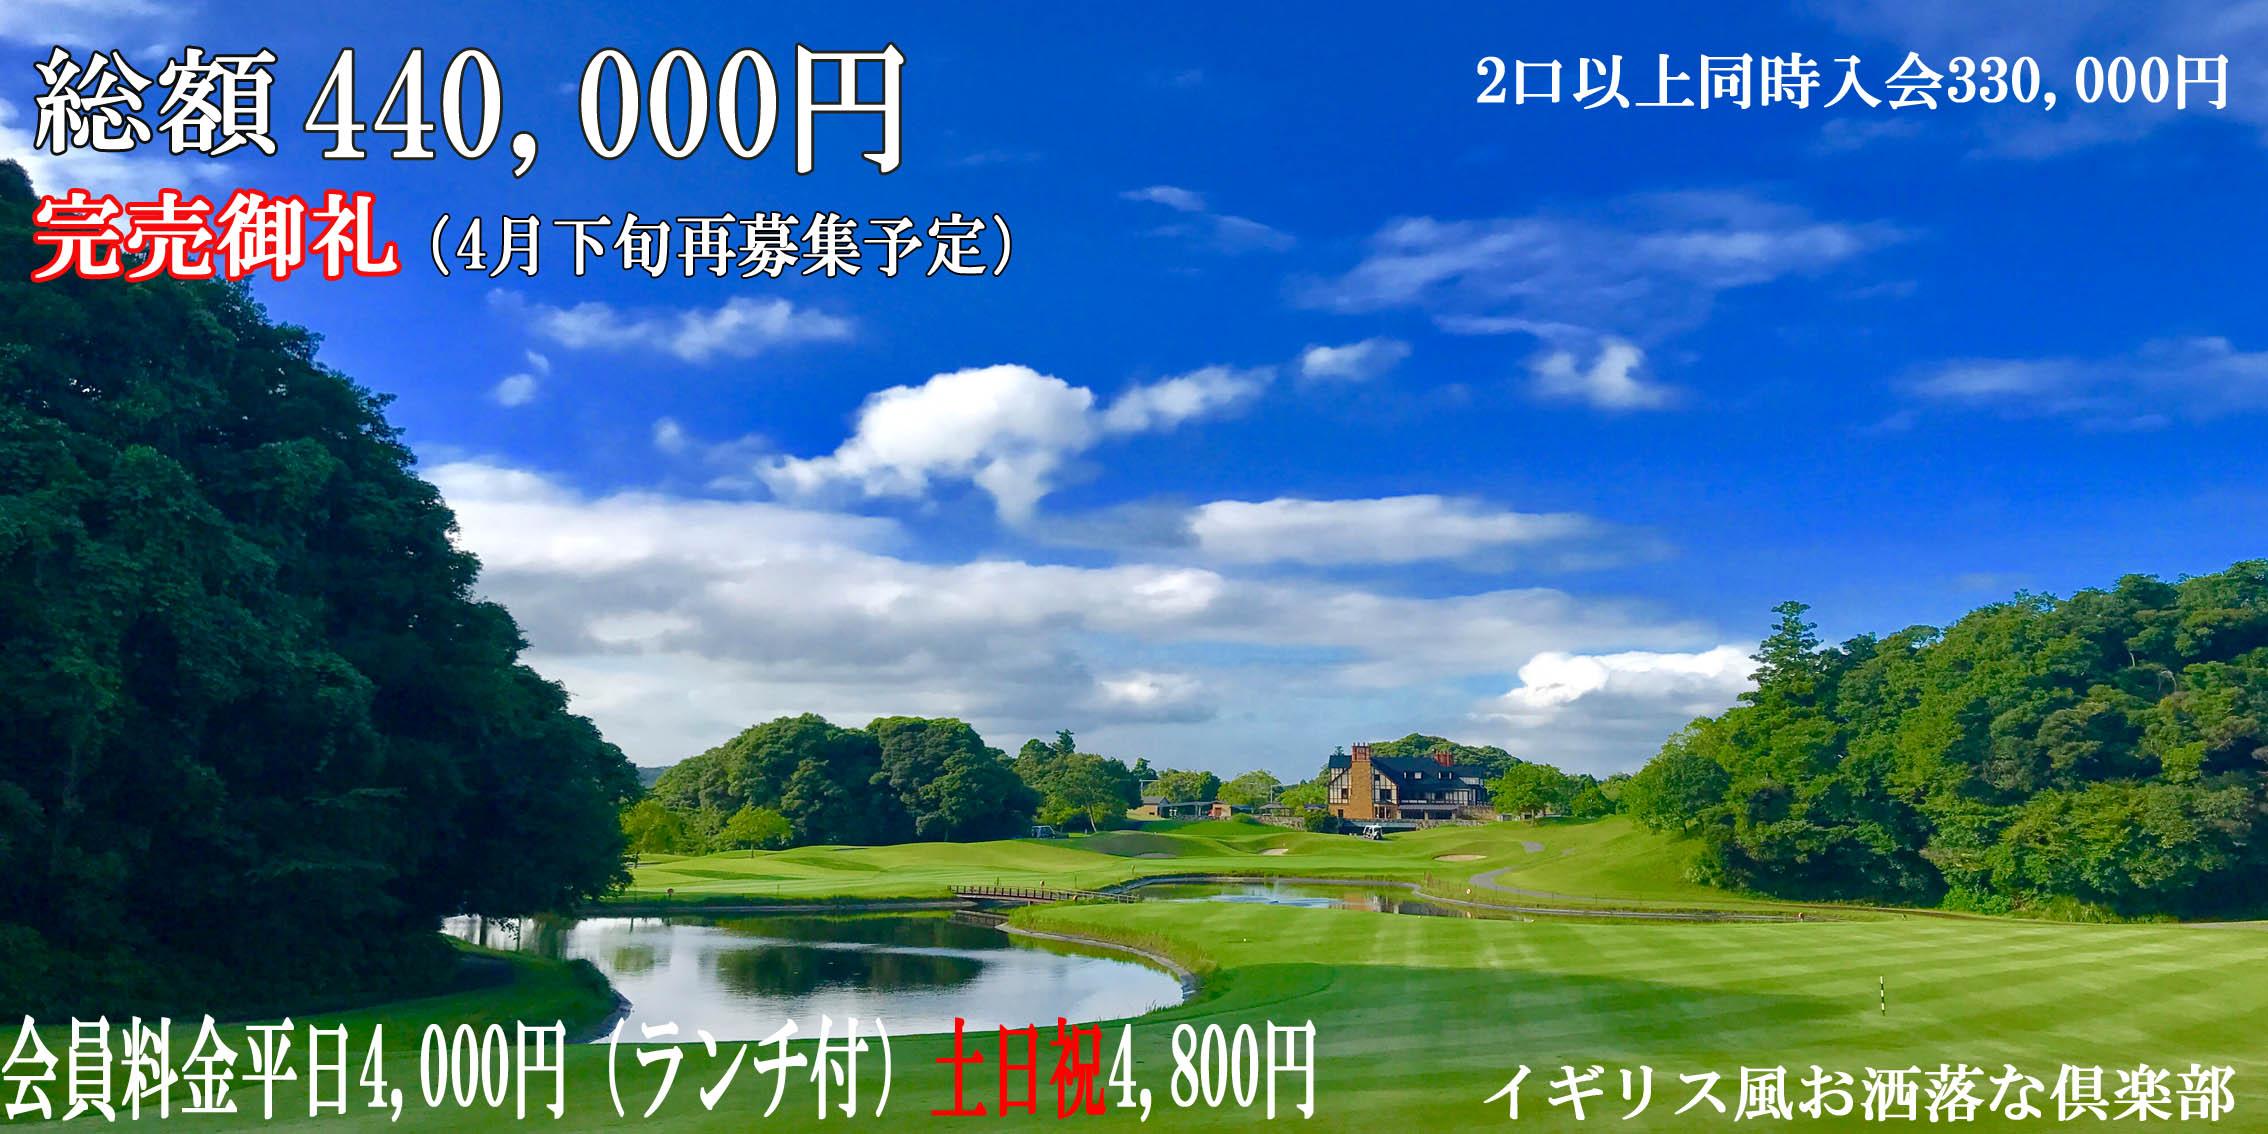 アバイディングCGSゴルフ会員権